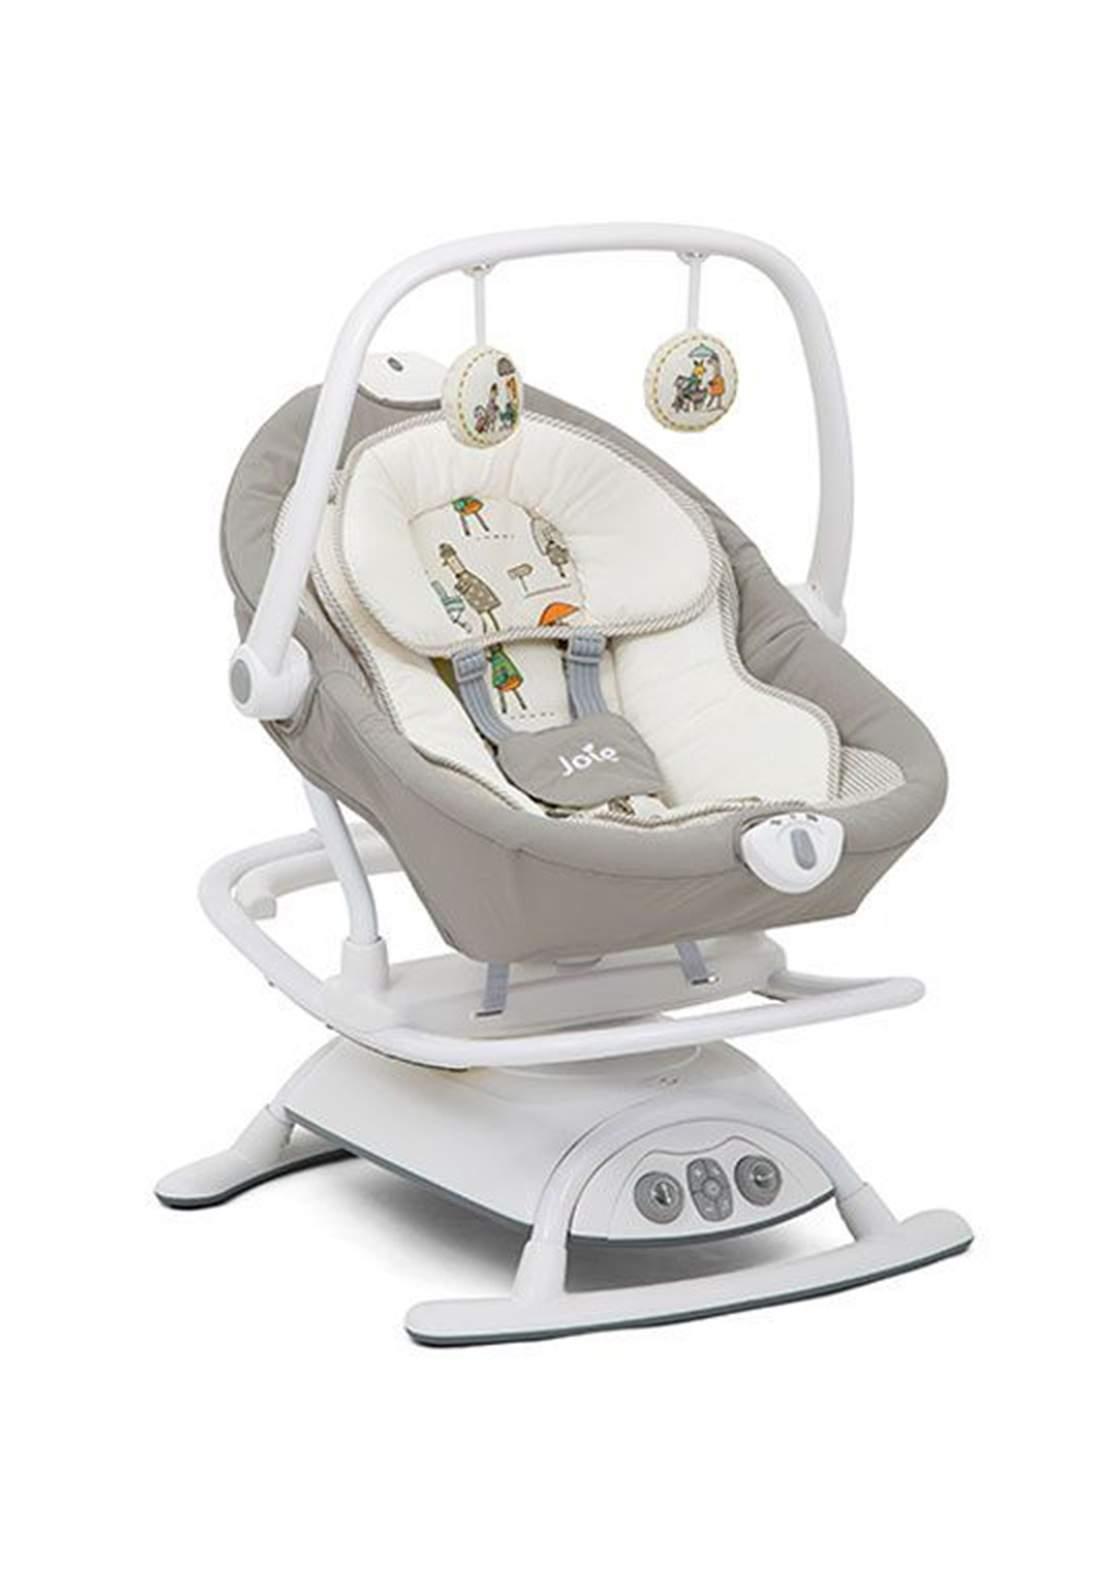 كرسي هزاز للاطفال لحديثي الولادةJoie Baby W1604AAITR000 Sansa Swing In the Rain